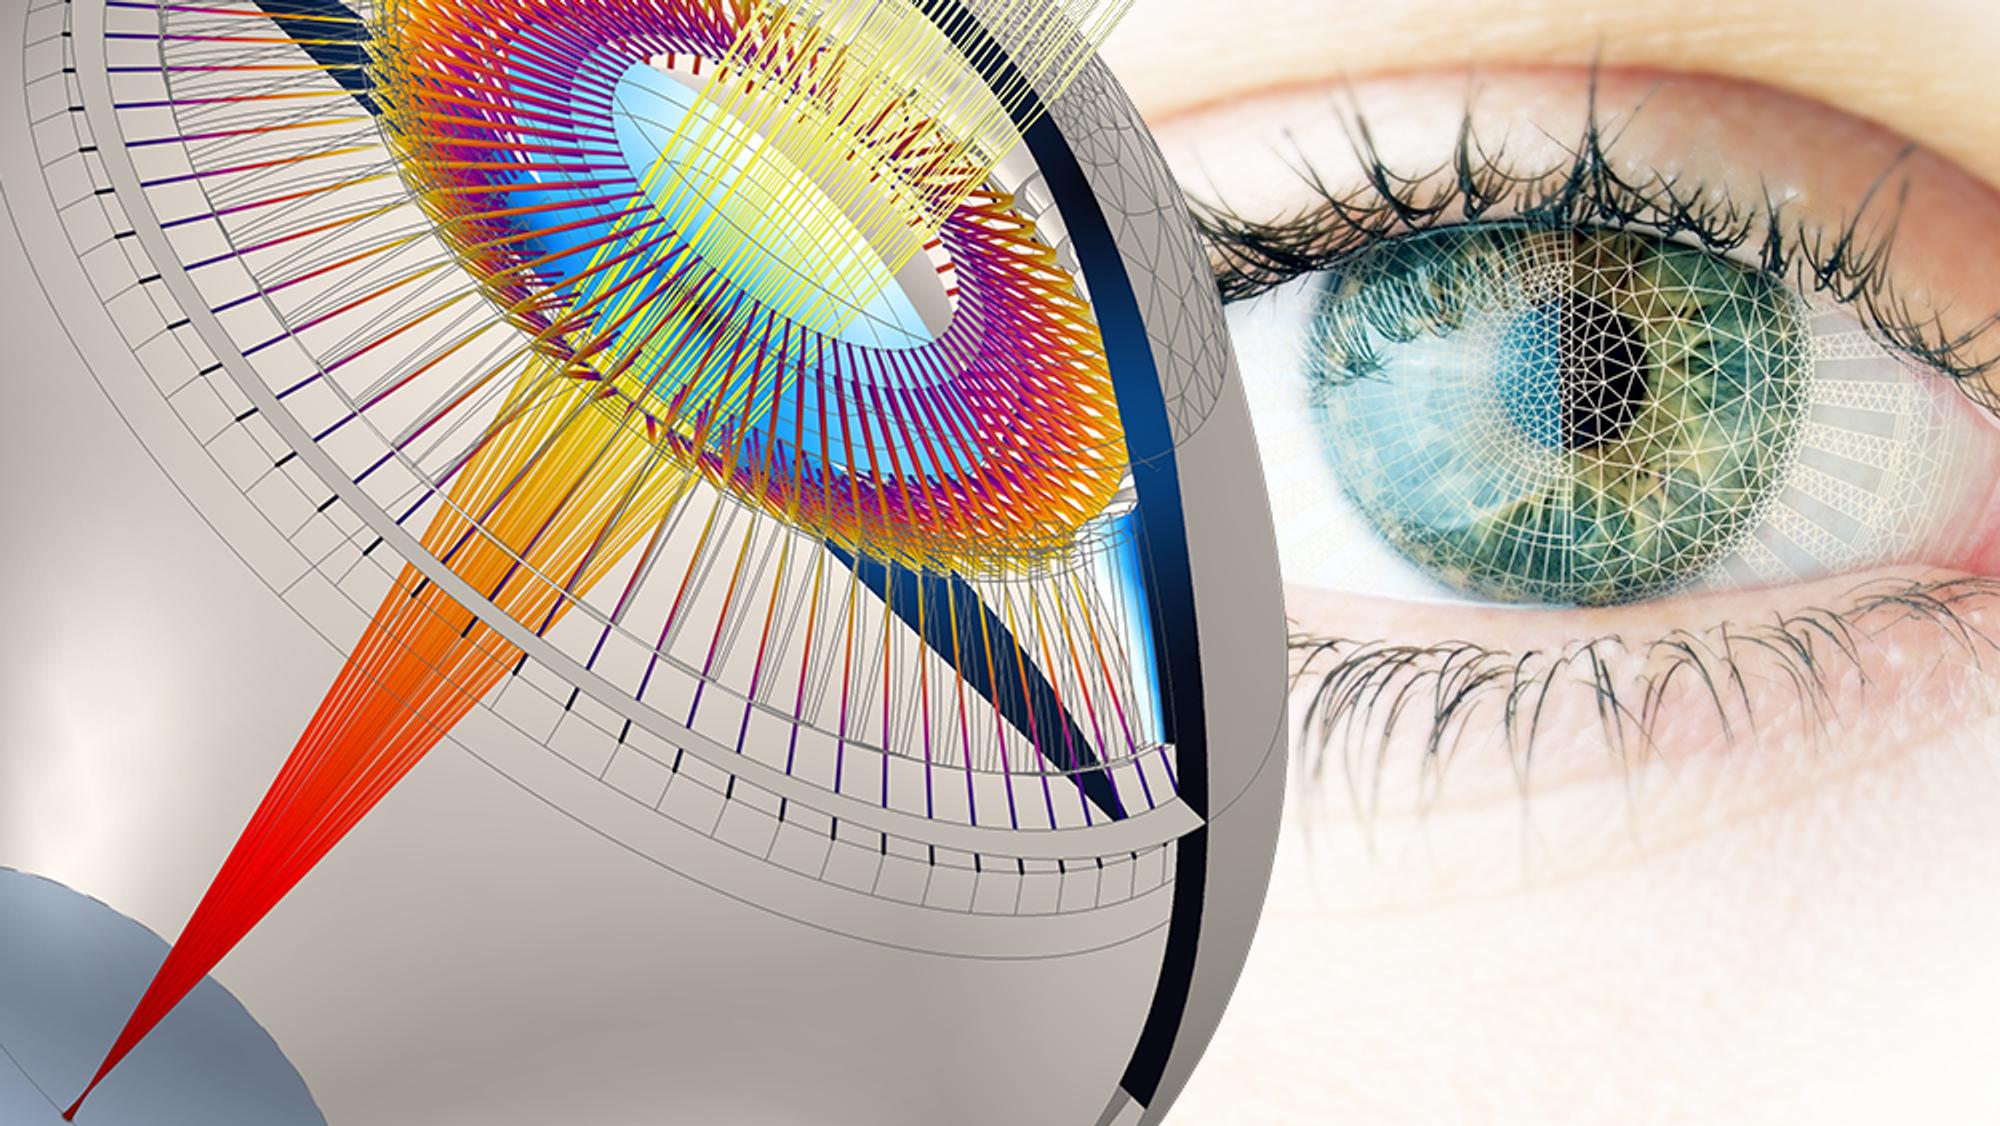 ANNONSE: 3D-modell av øyet kan utsette behovet for lesebriller med minst 20 år